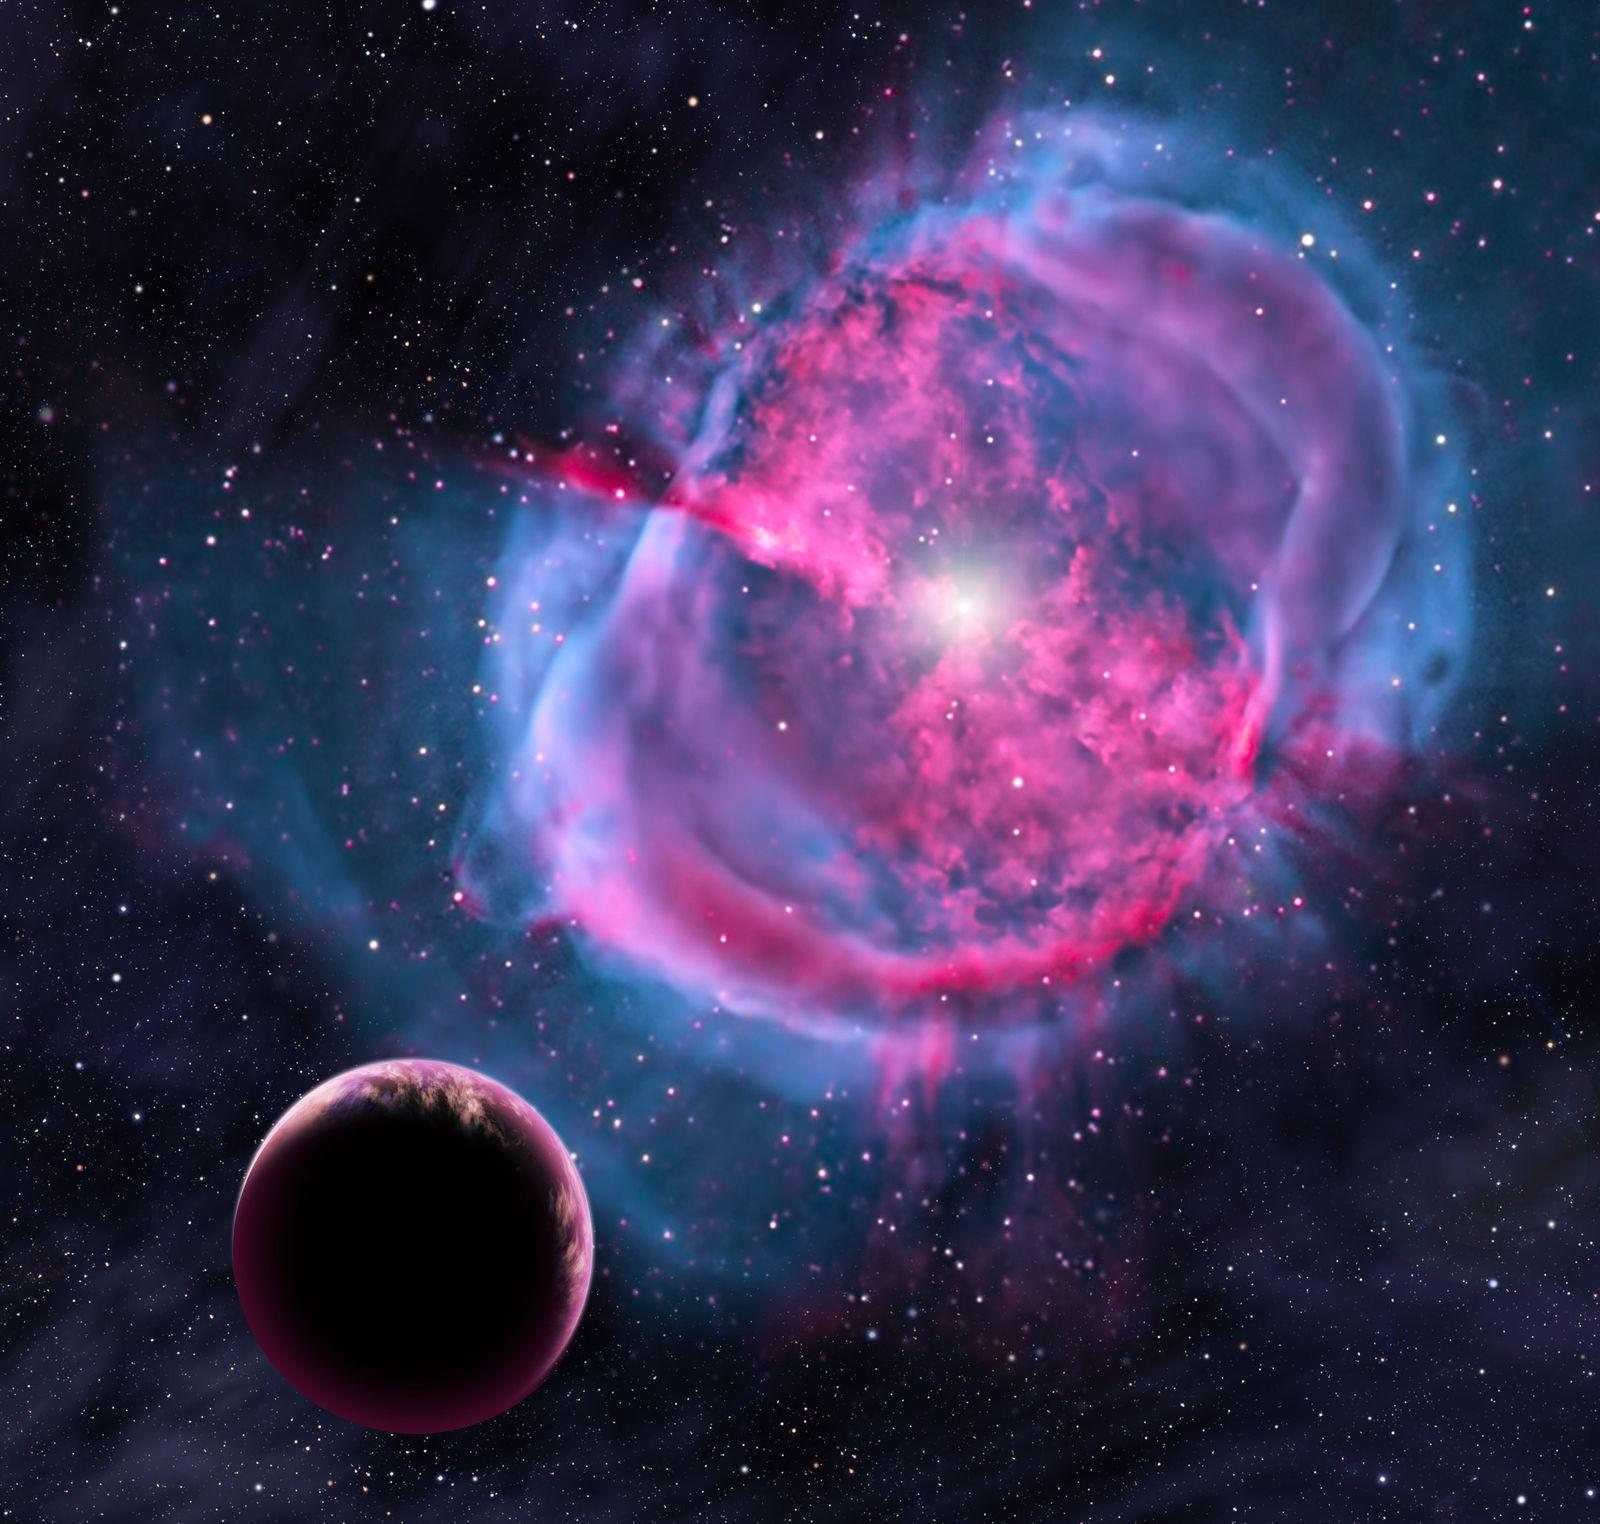 ACHTUNG SPERRFRIST 06.01.2015 um 19:15 UHR/ Erdähnlicher Planet